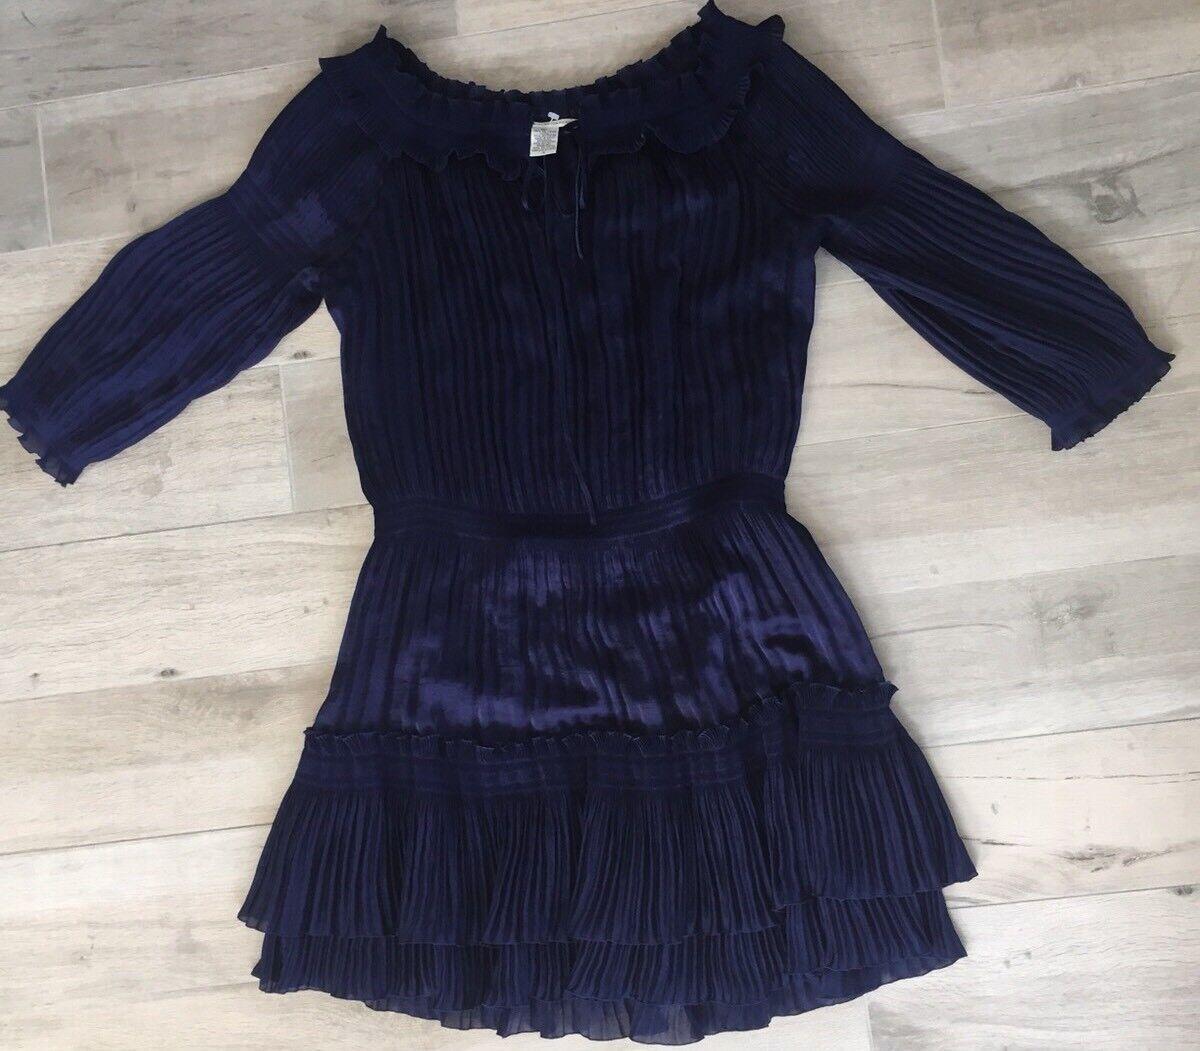 Diane Diane Diane Von Furstenberg Dress- Navy bluee- Size 10 922cb0